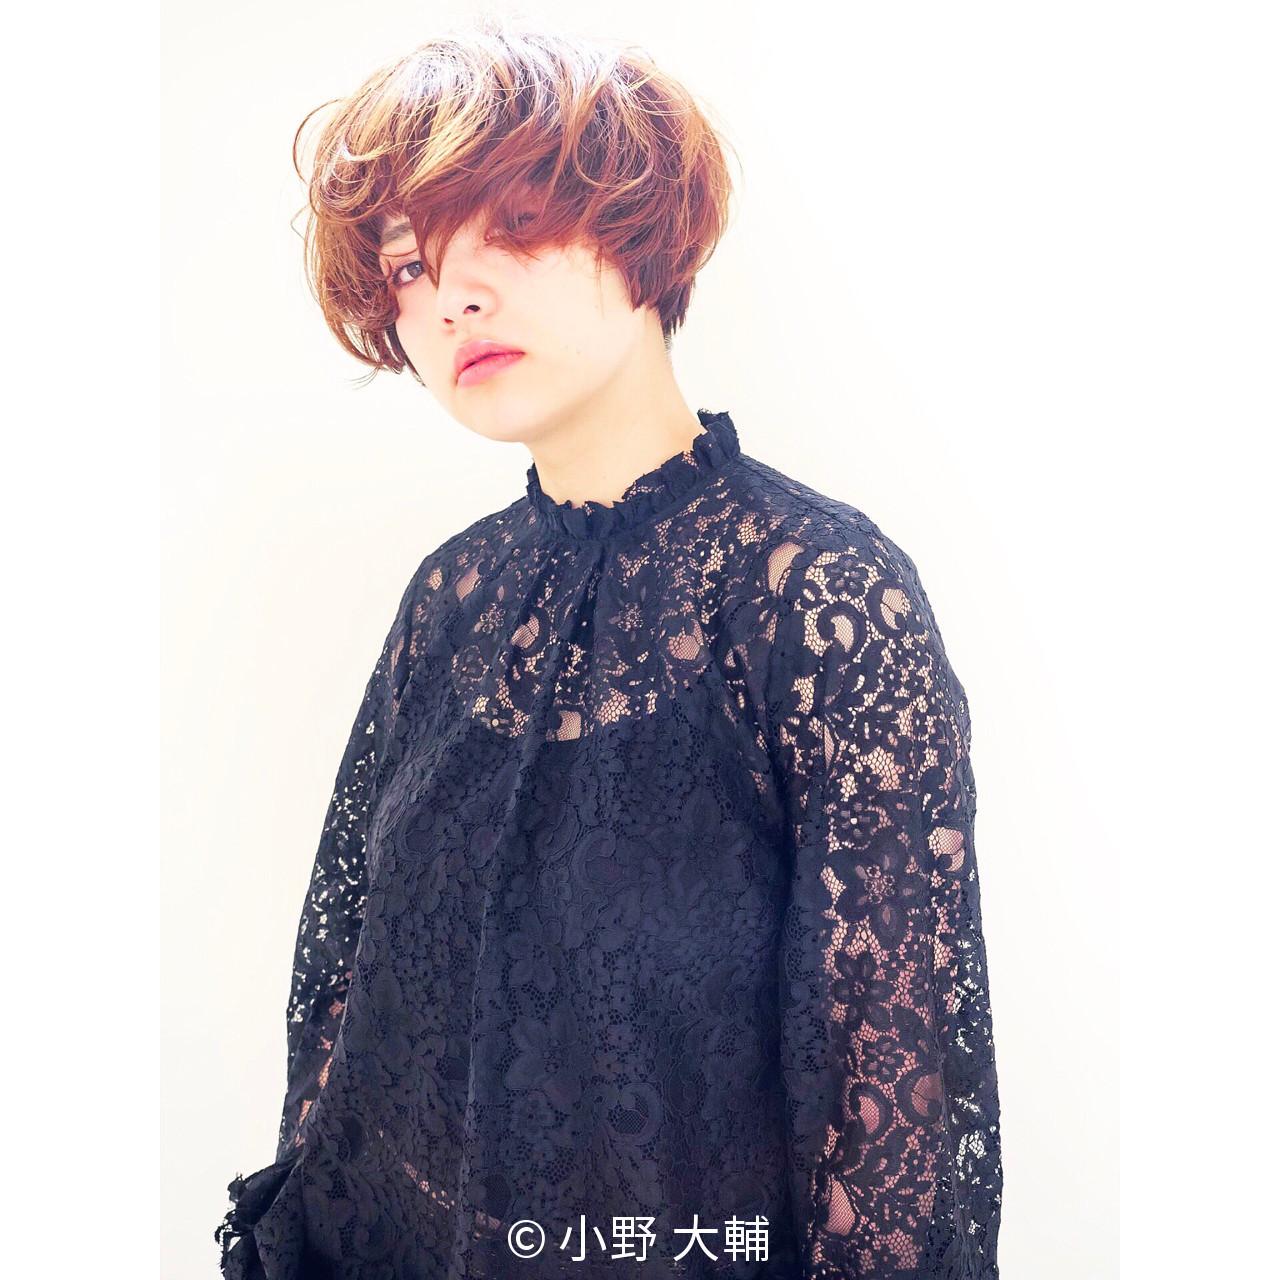 ショート マッシュ 色気 パーマ ヘアスタイルや髪型の写真・画像